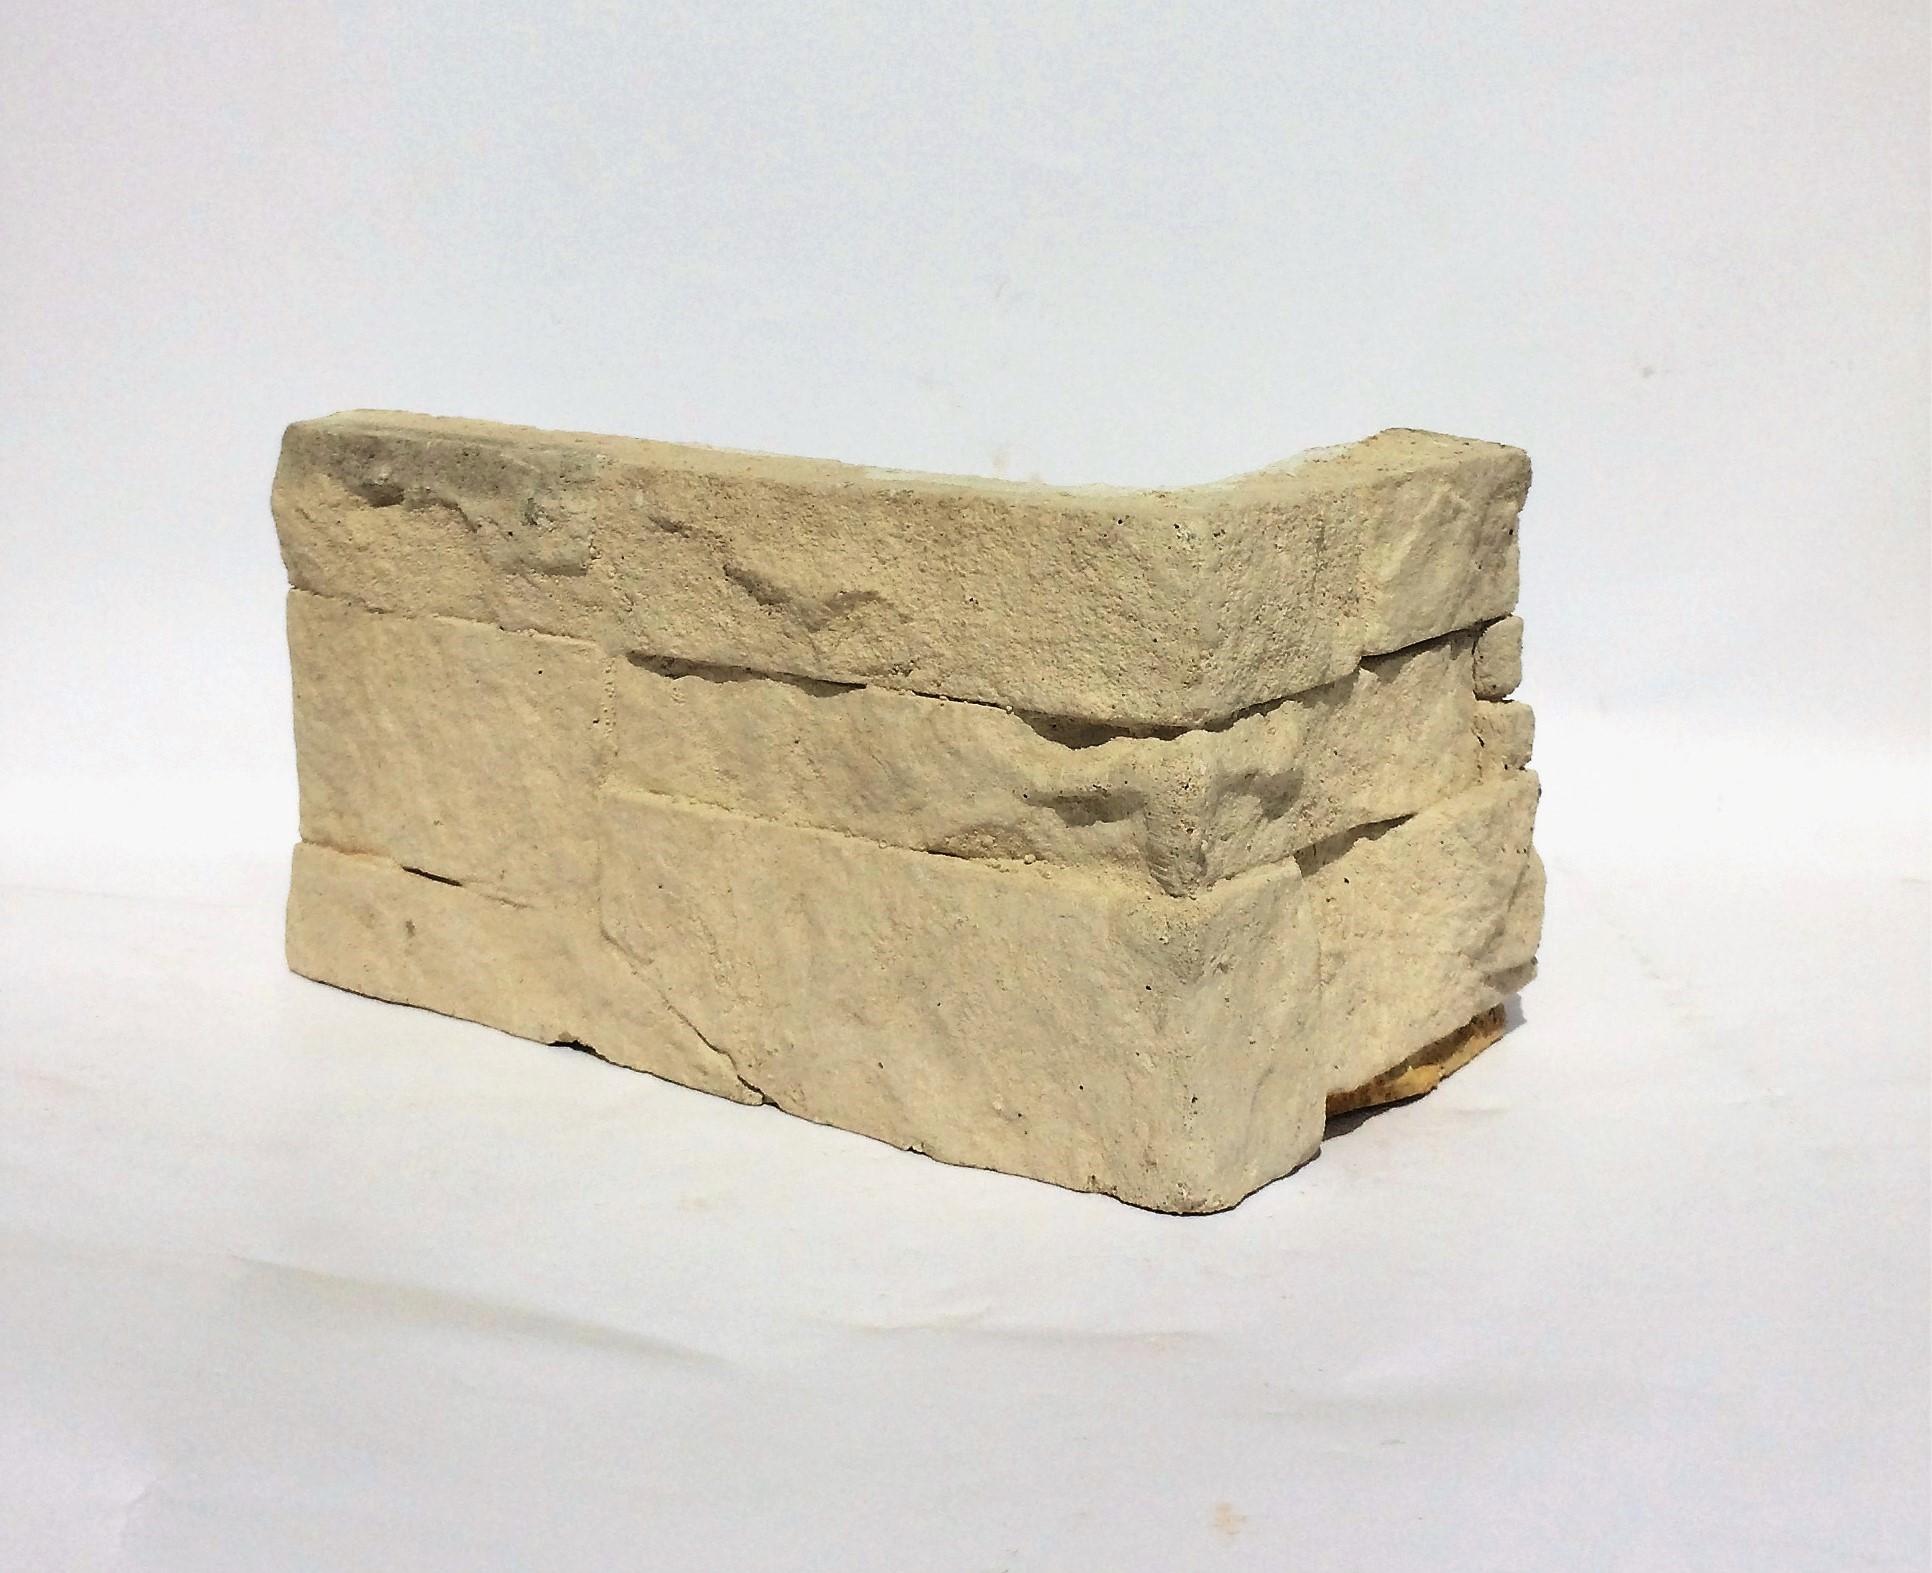 kámen umělý dekorační, imitace kamene do interiéru, dekorační kámen do interiéru a exteriéru,rohový prvek Merock Salamanca 081